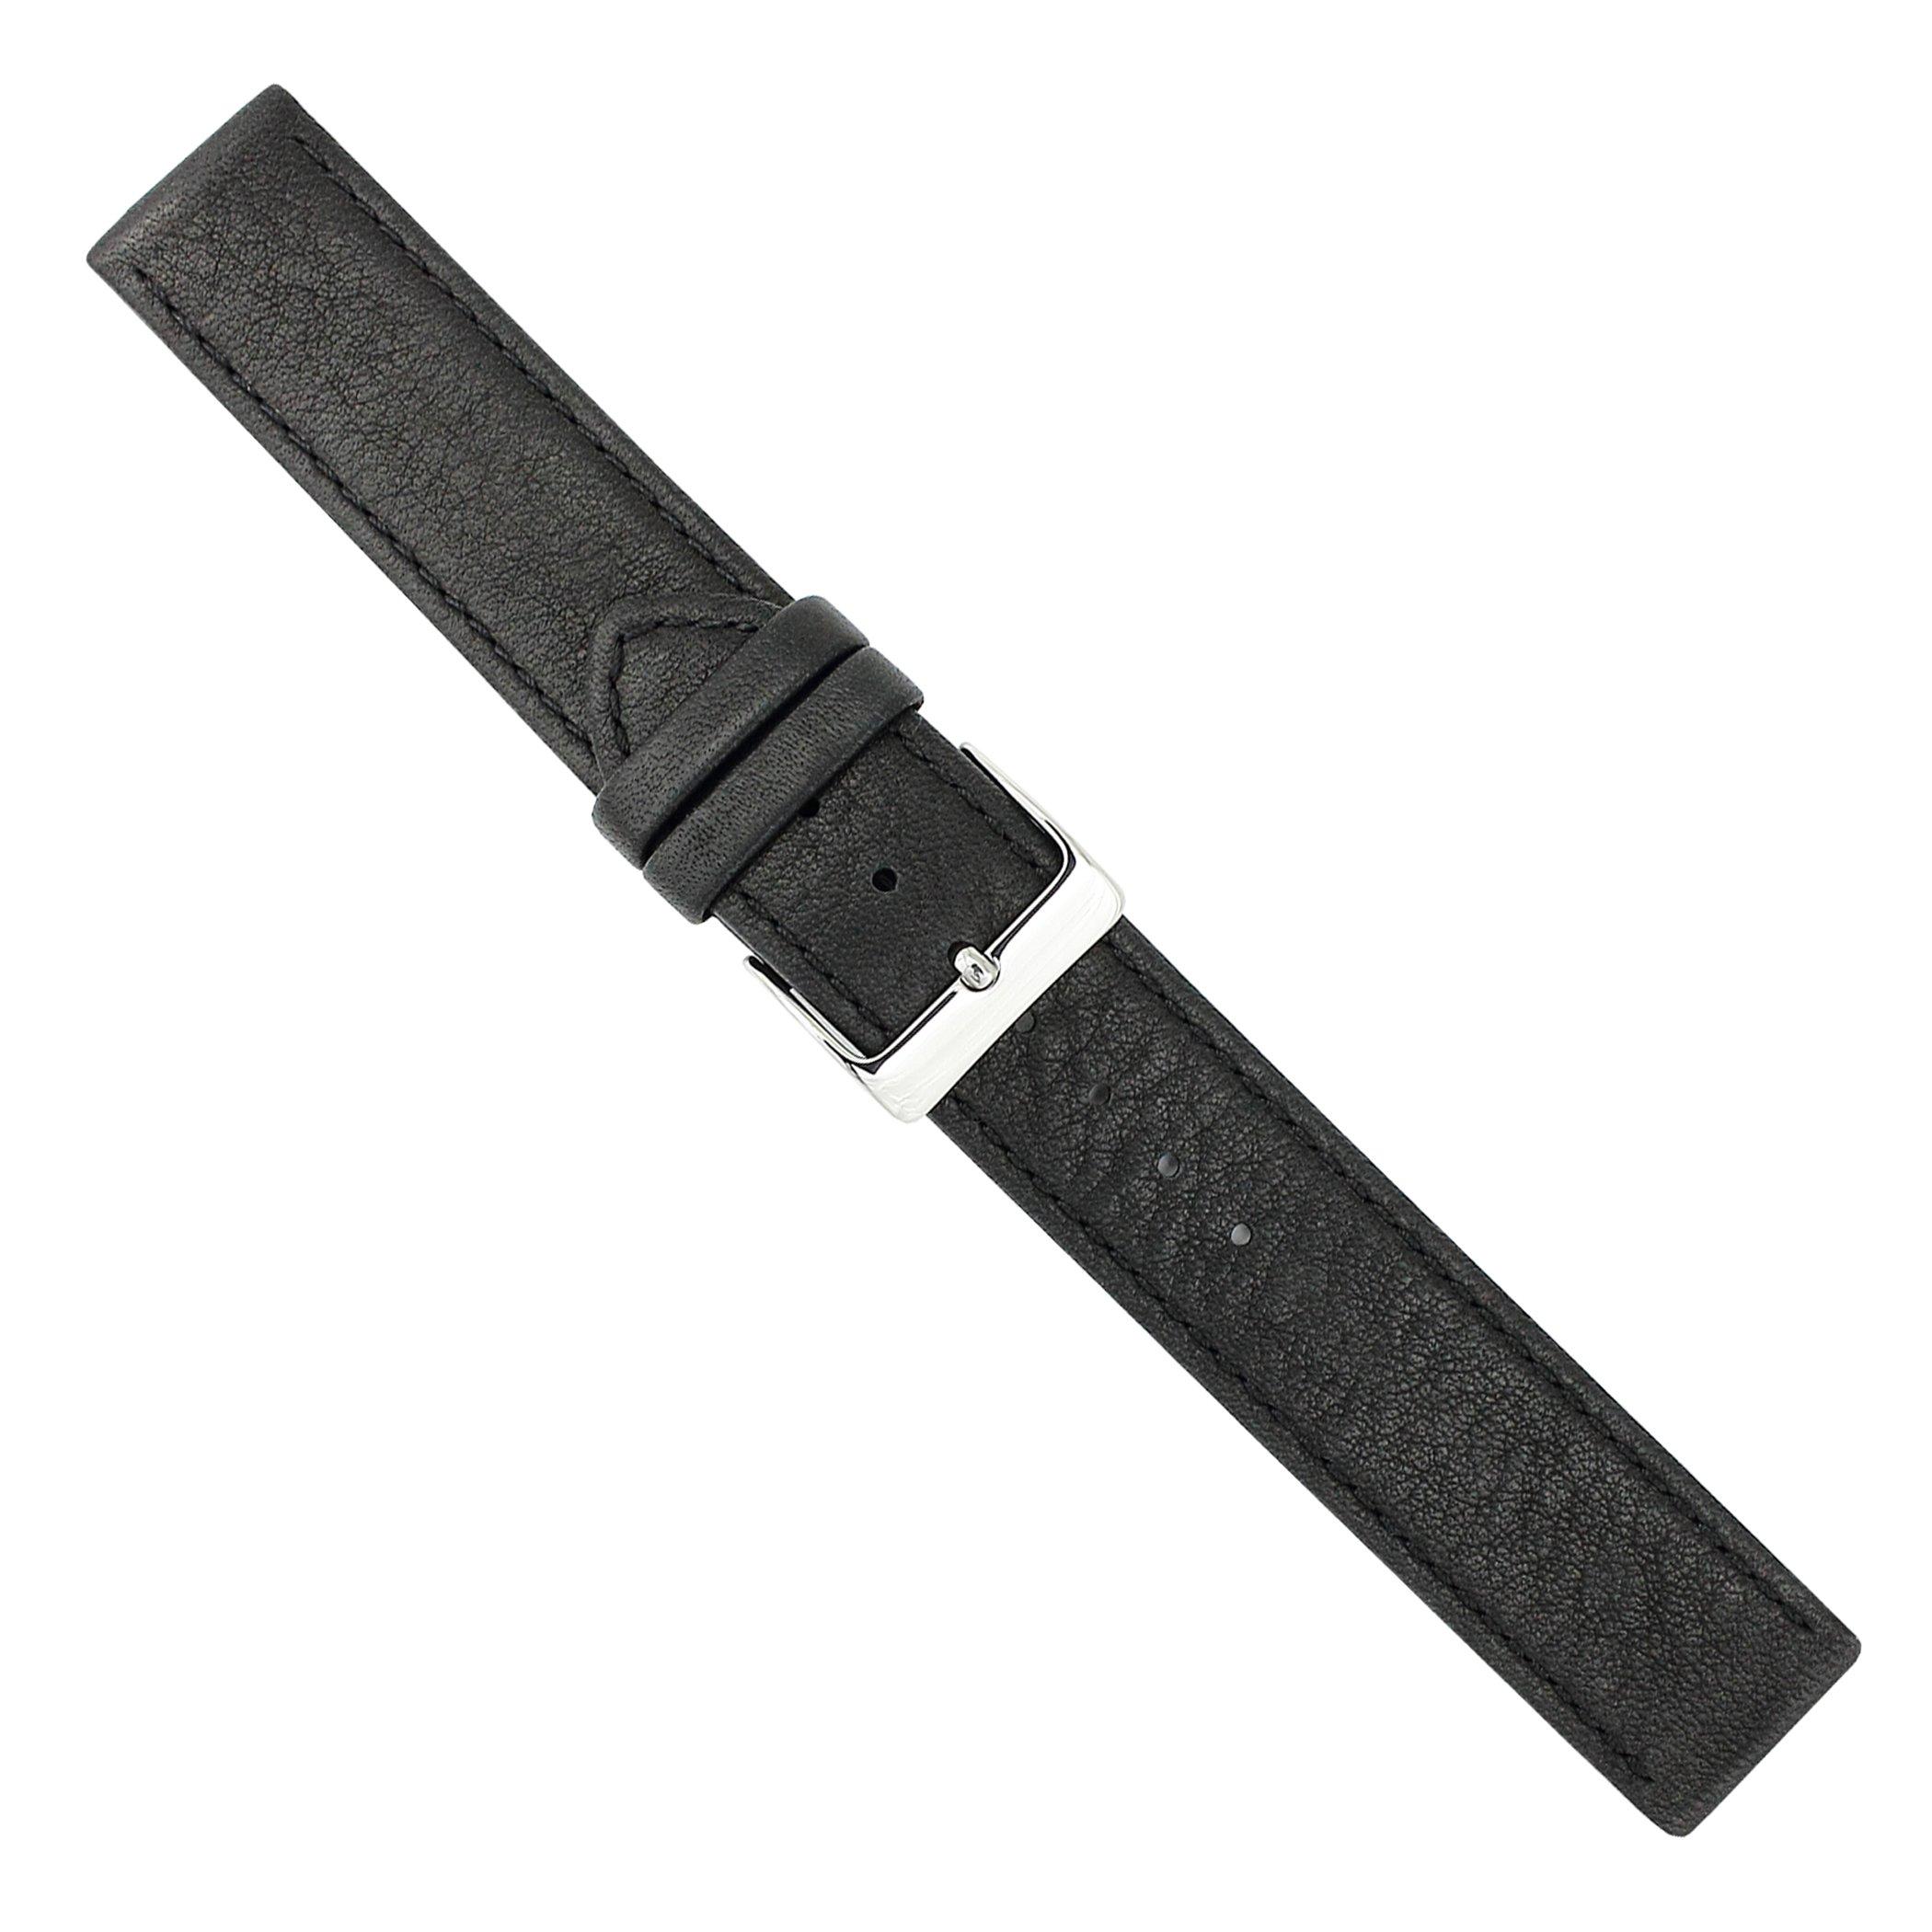 Uhrbanddealer-Unisex-Uhrenarmband-Softina-Nappa-Leder-18mm-Schwarz-Wasserfest-274818s